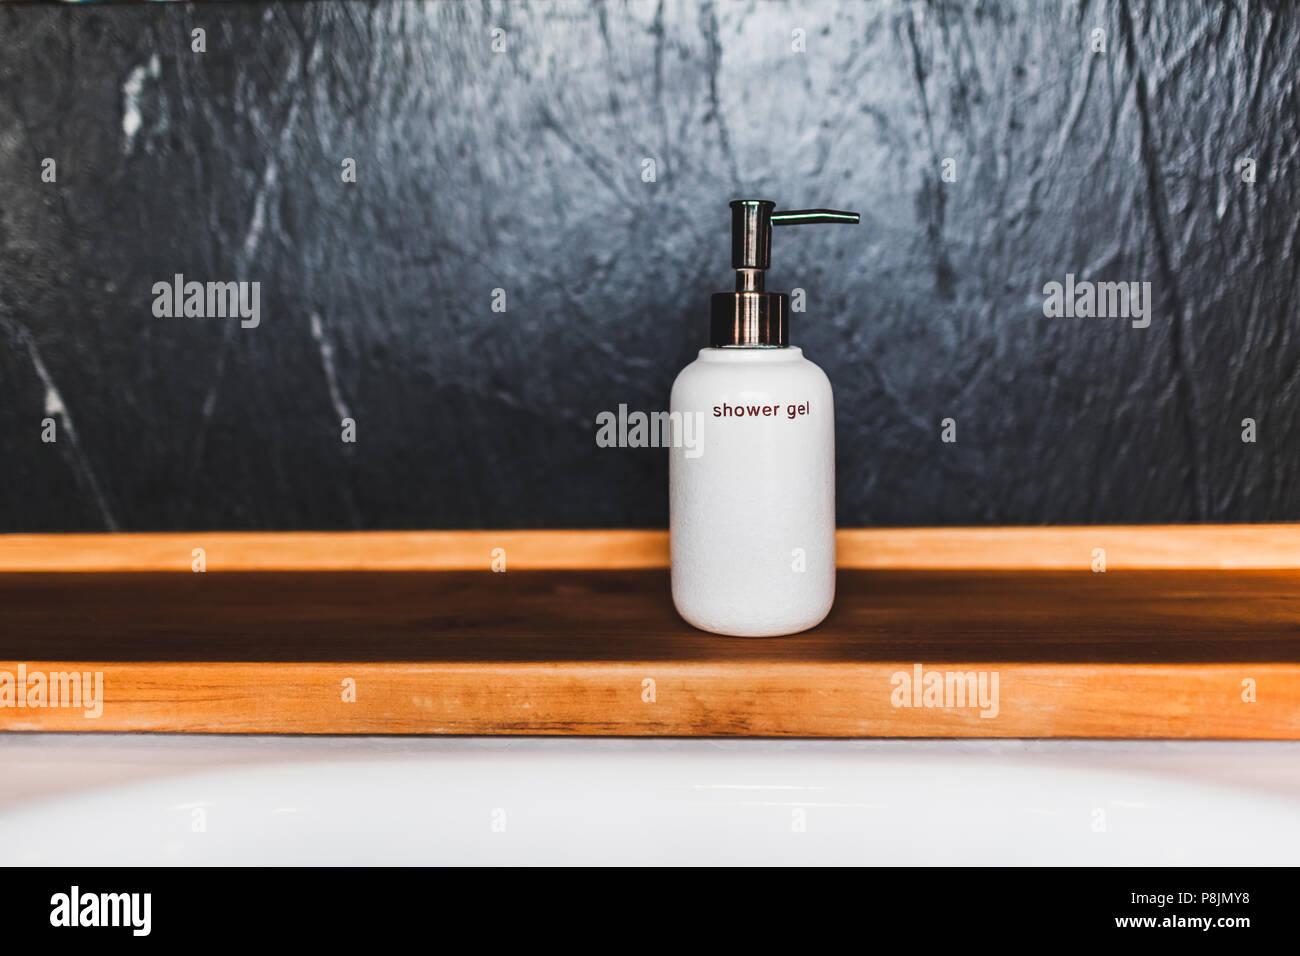 Vasca Da Bagno Per Hotel : Metallo bianco il flacone di gel per doccia in legno sul bordo